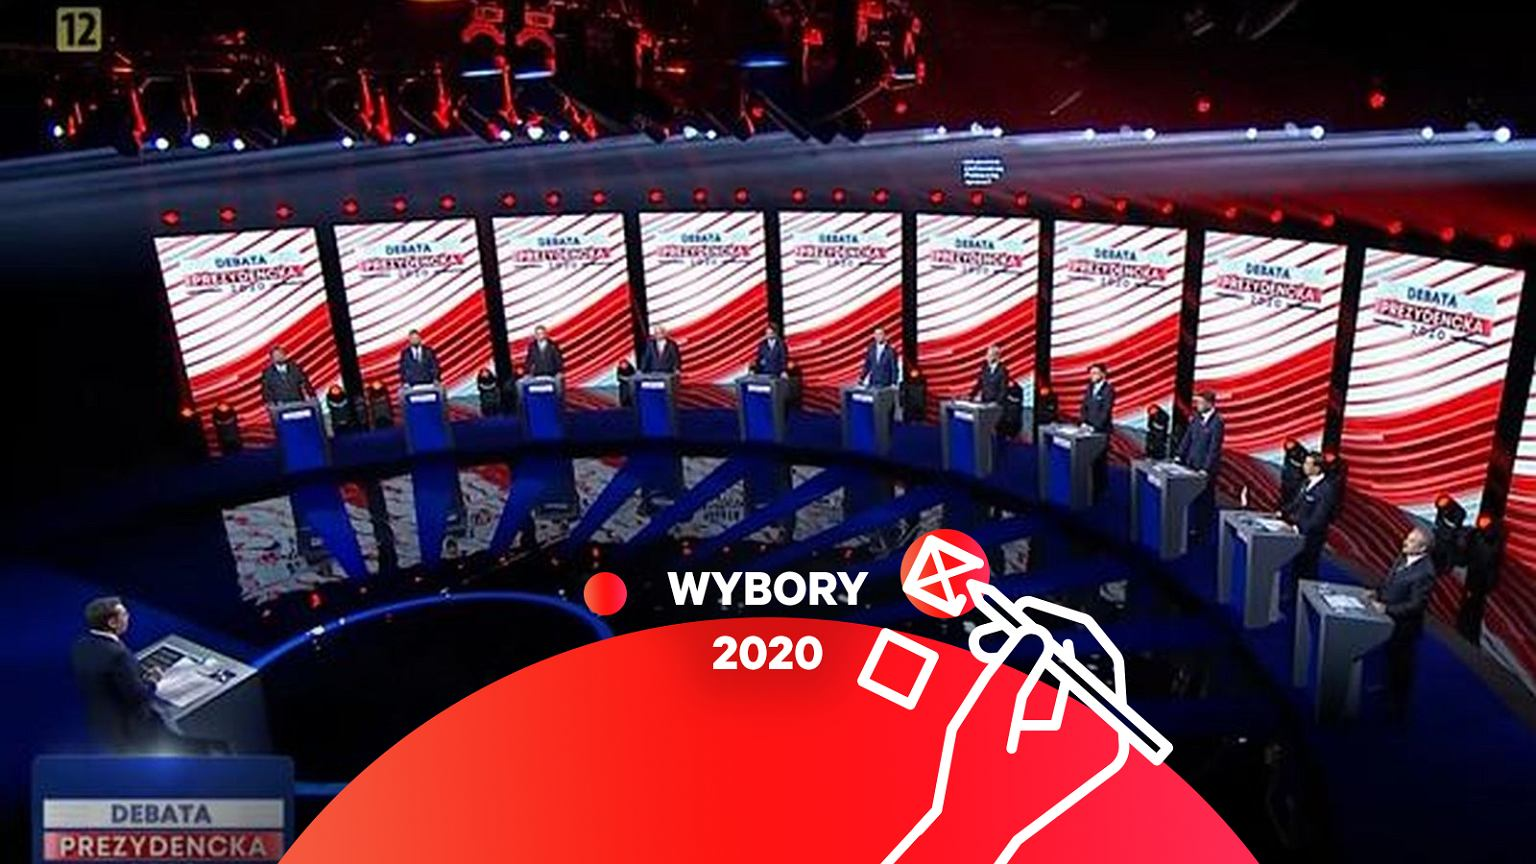 Wybory 2020. Debata prezydencka w telewizji publicznej sprzeczna z rozporządzeniem KRRiT? TVP odpowiada